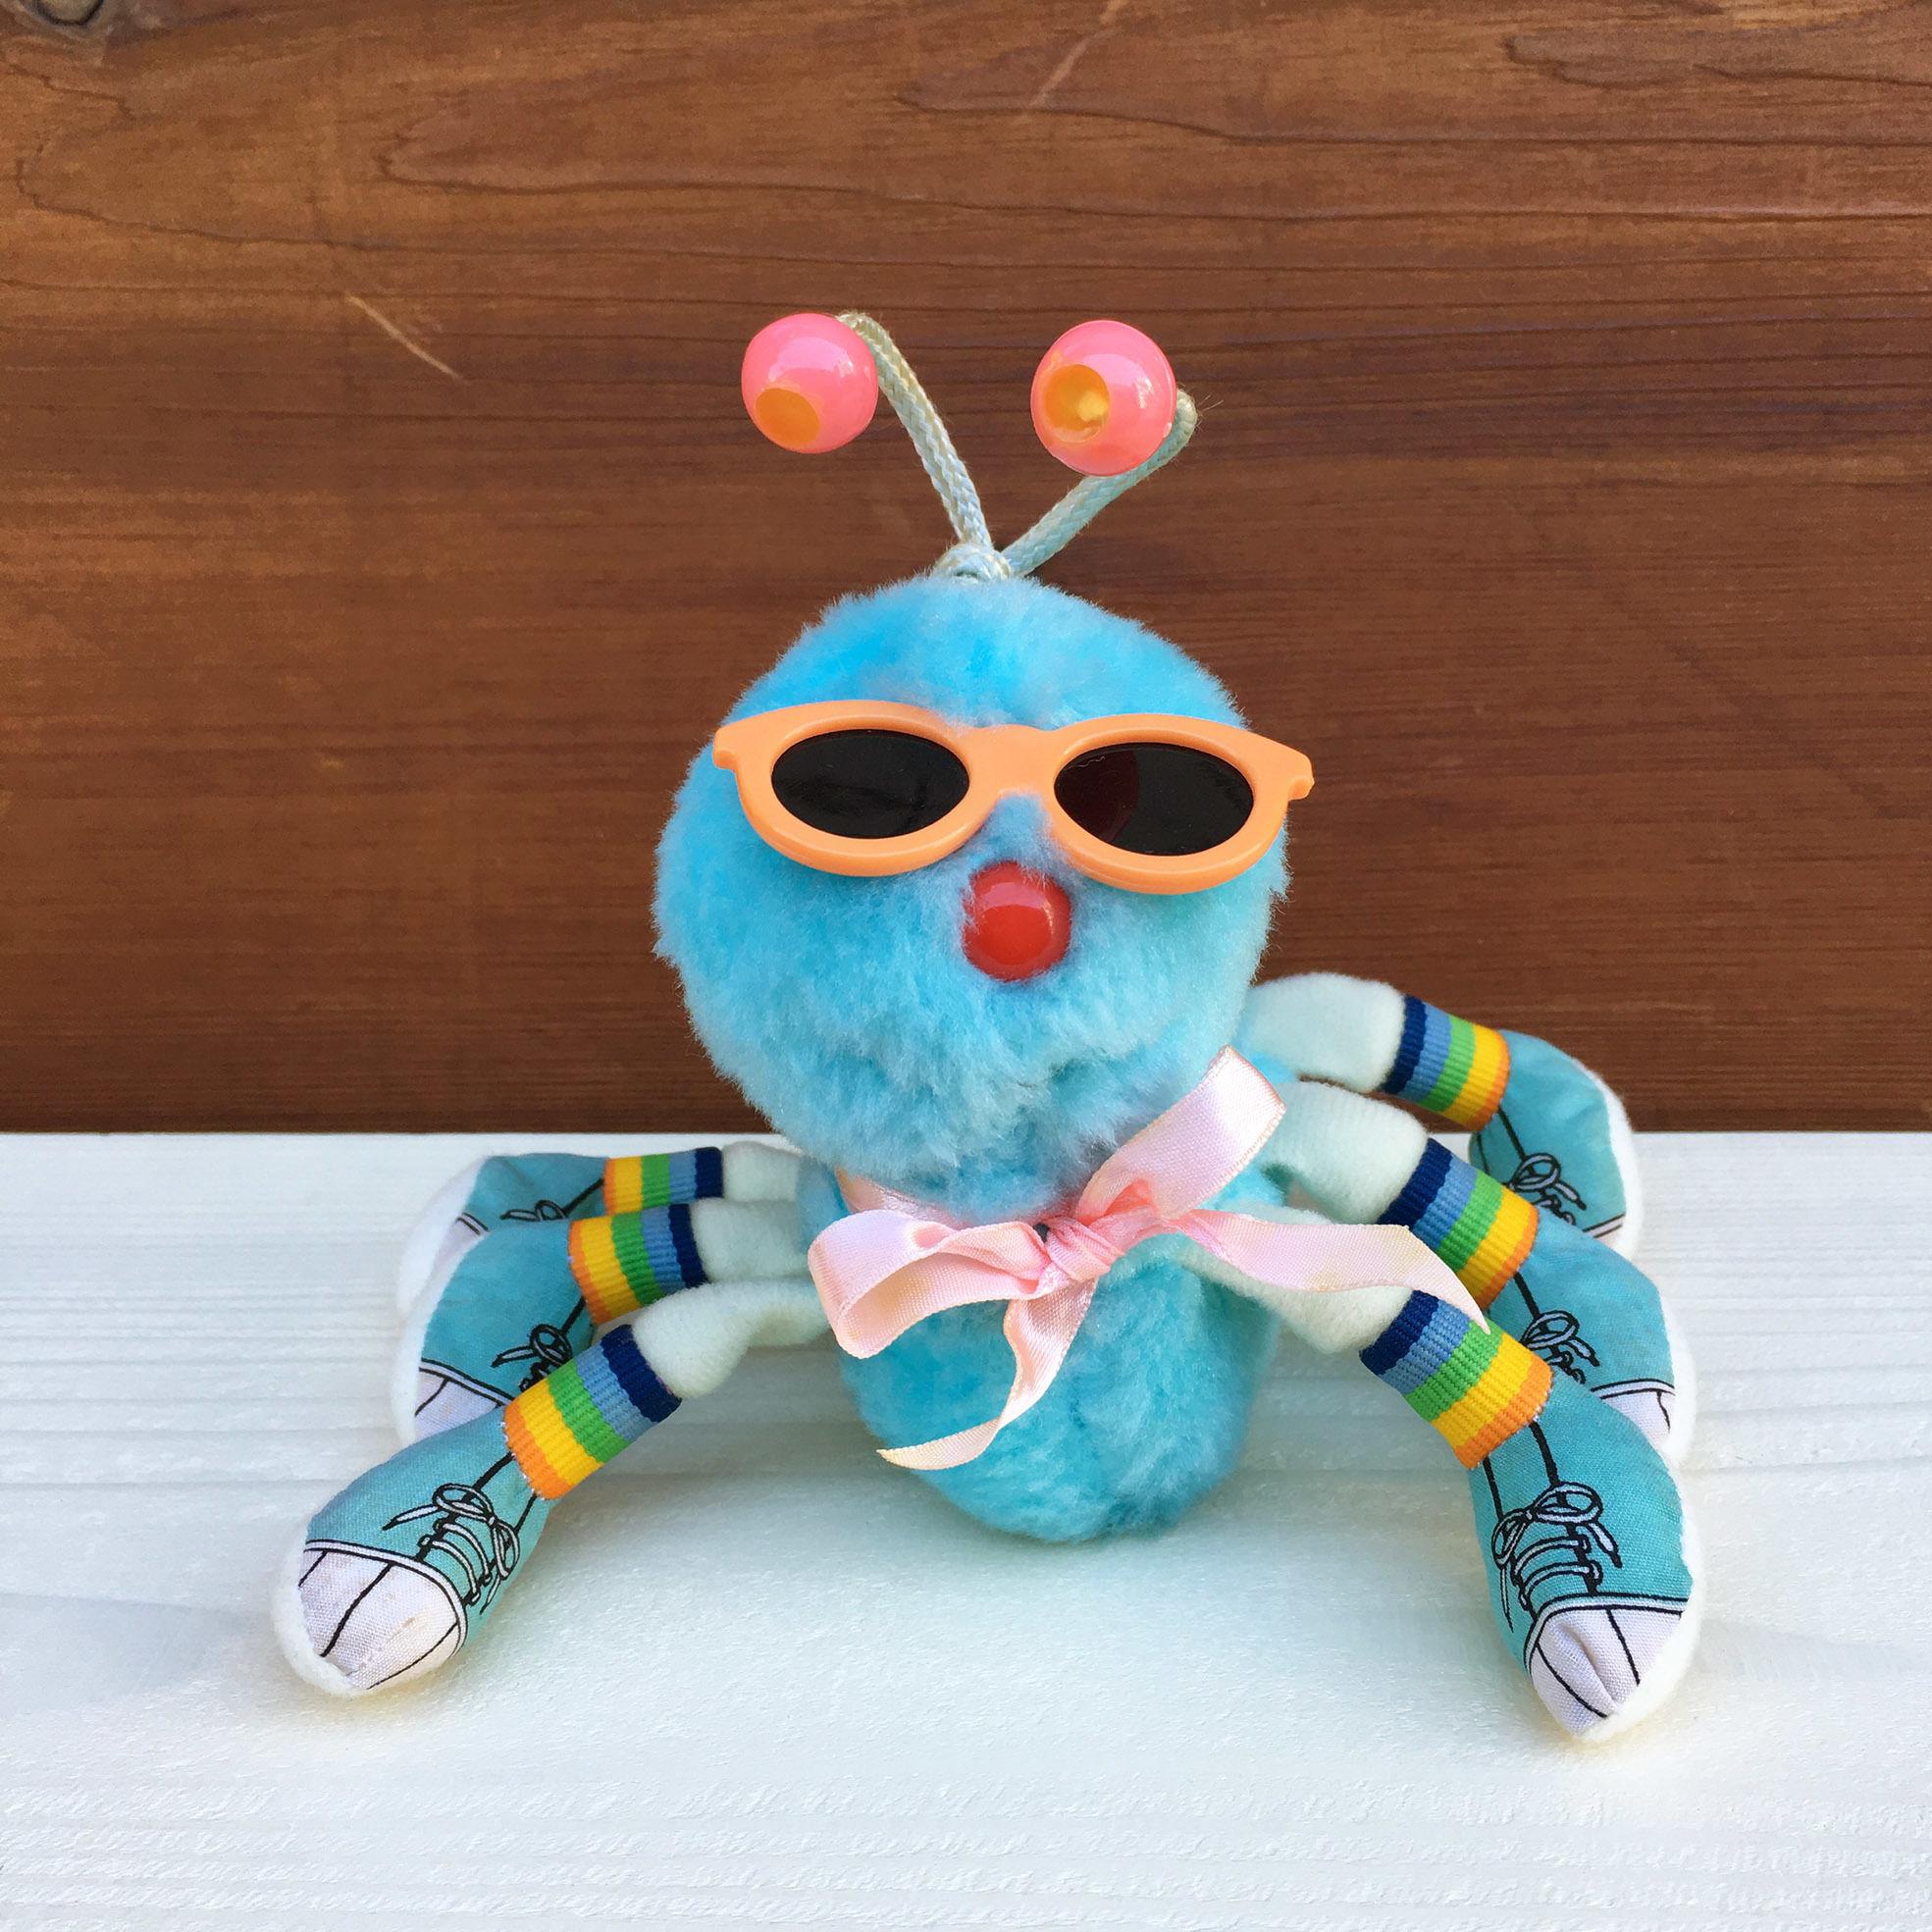 Lots-a-Lots-a-Leggggggs Sunglasses 6 Pairs Legs/ロッツアロッツアレッグス サングラス 6ペアレッグス/180125-4